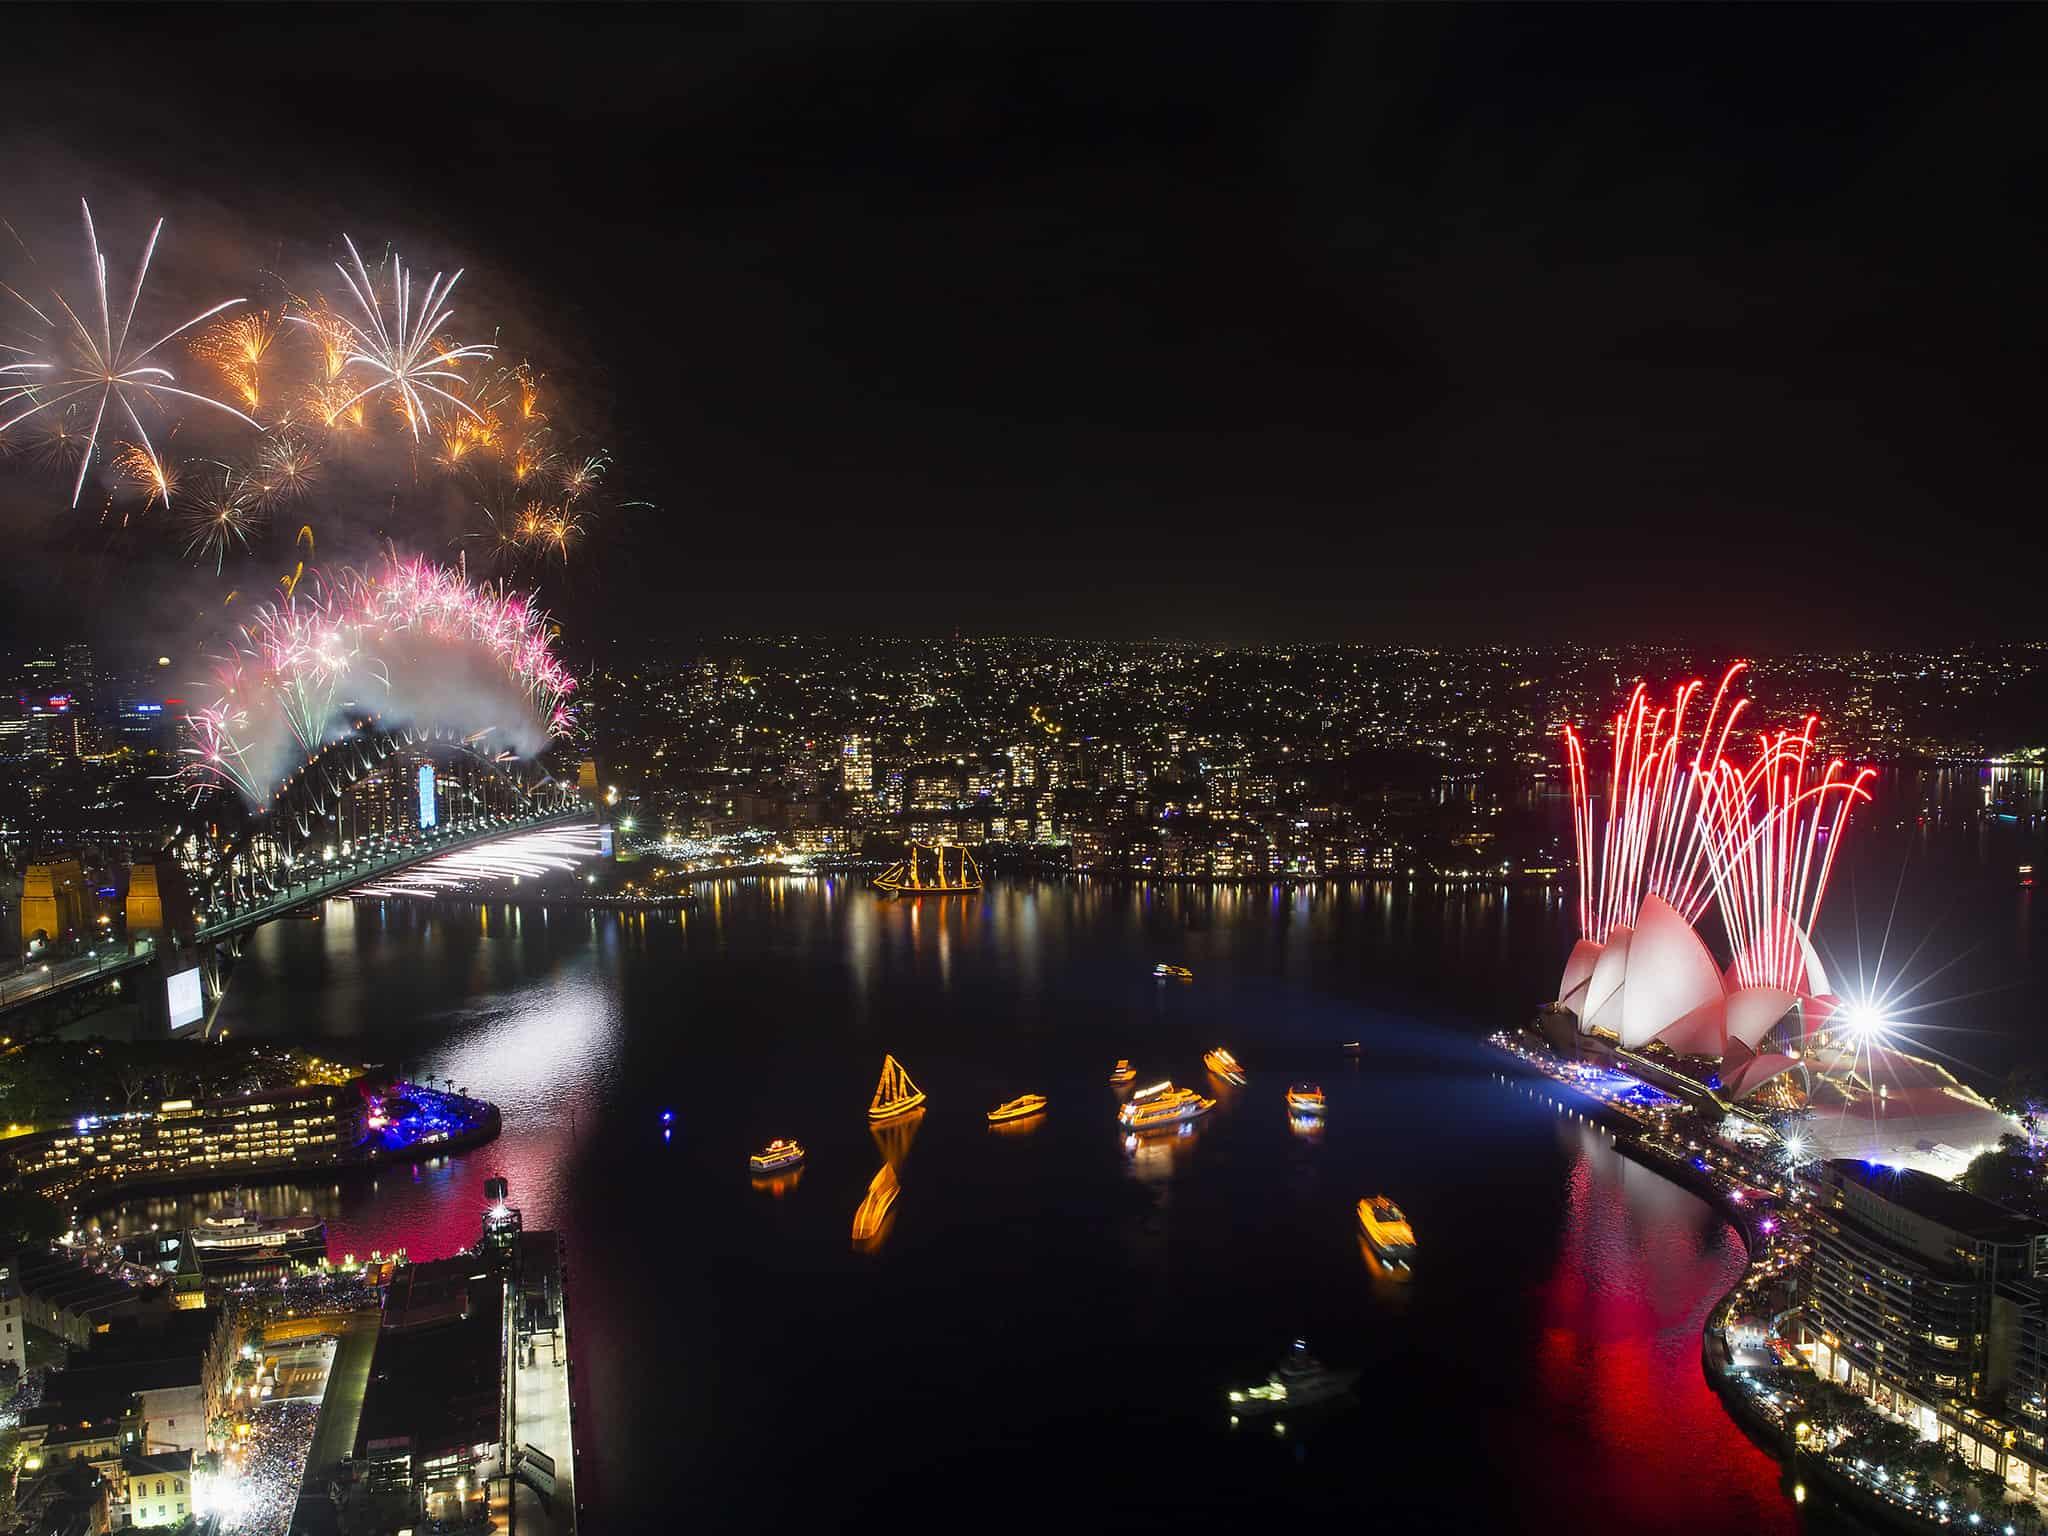 yH5BAEAAAAALAAAAAABAAEAAAIBRAA7 - 5 địa điểm CHUẨN để ngắm pháo hoa chào năm mới miễn phí ở Sydney